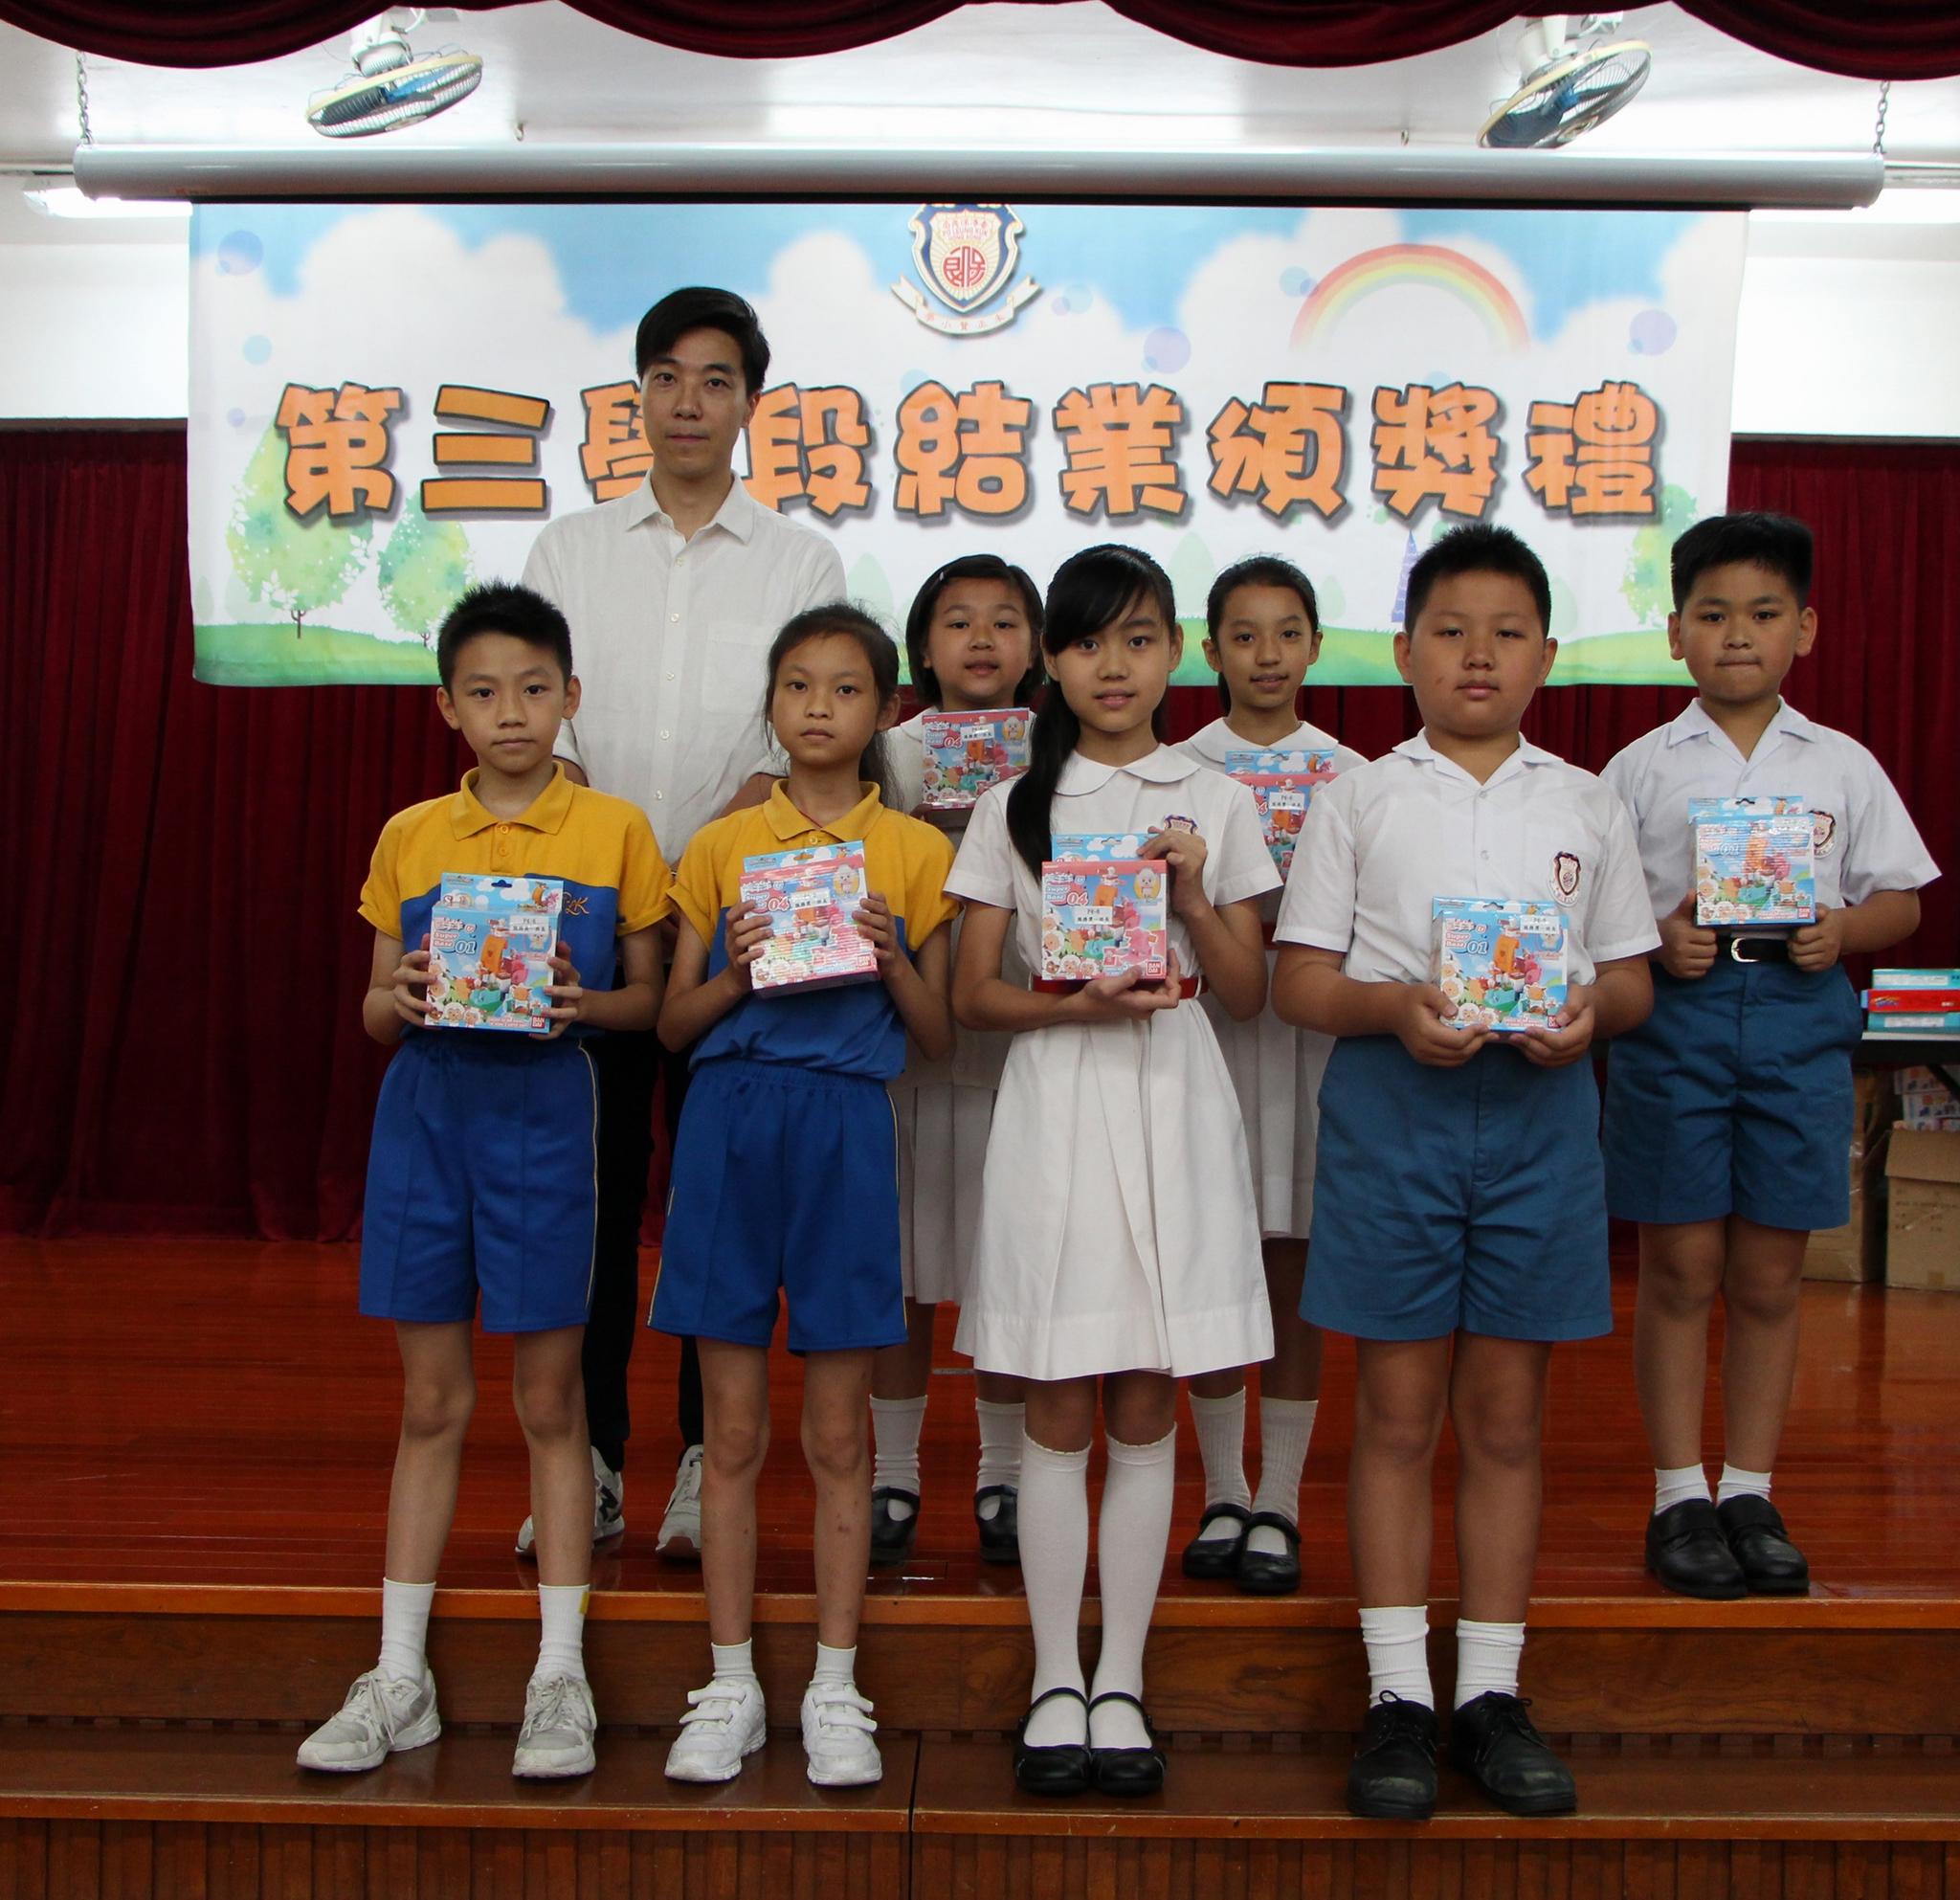 https://plkcjy.edu.hk/sites/default/files/img_5641.jpg